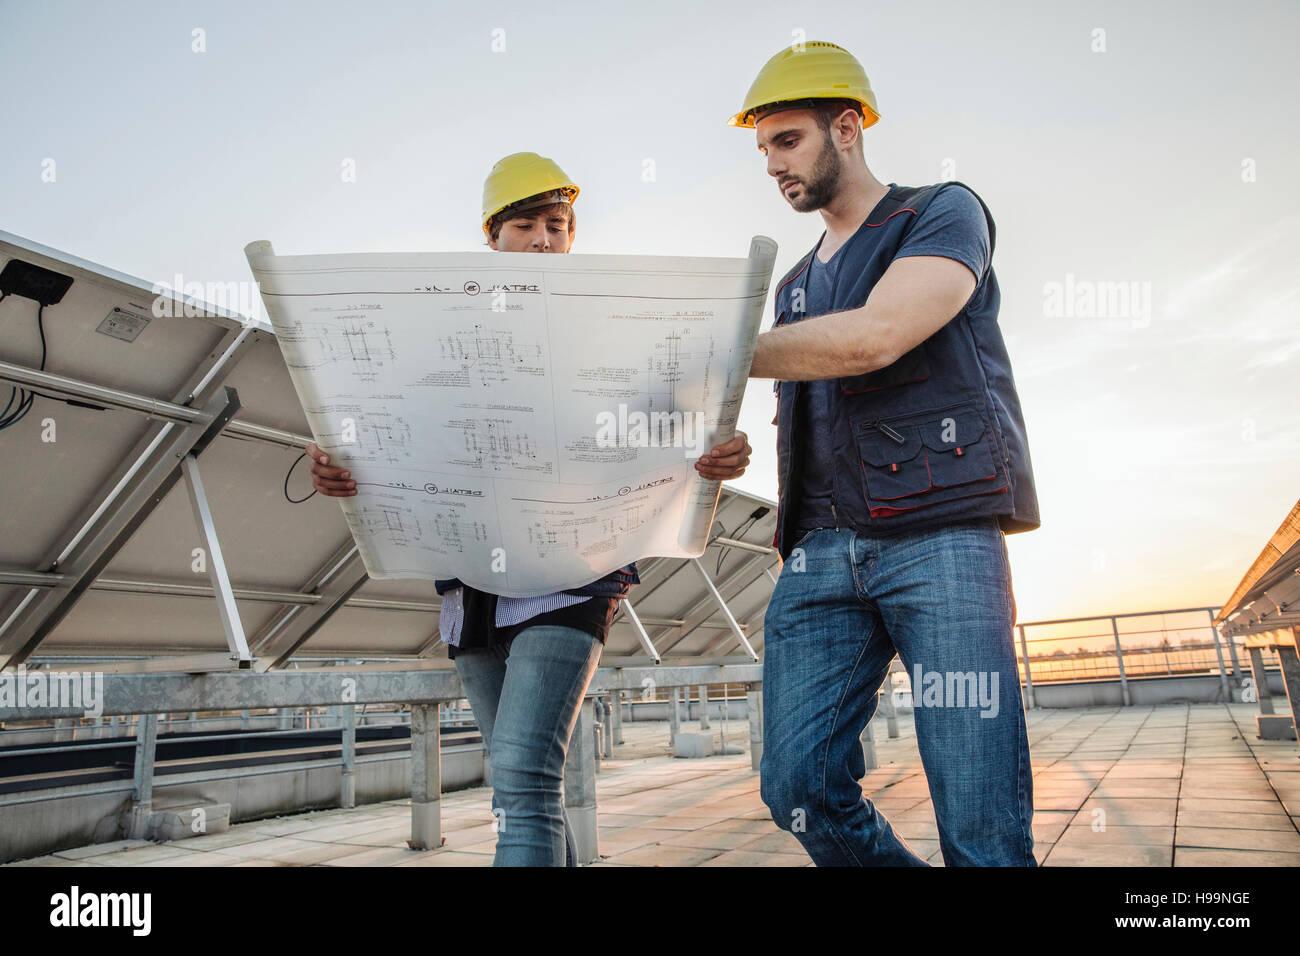 Architecte et ingénieur inspection solar power station Photo Stock